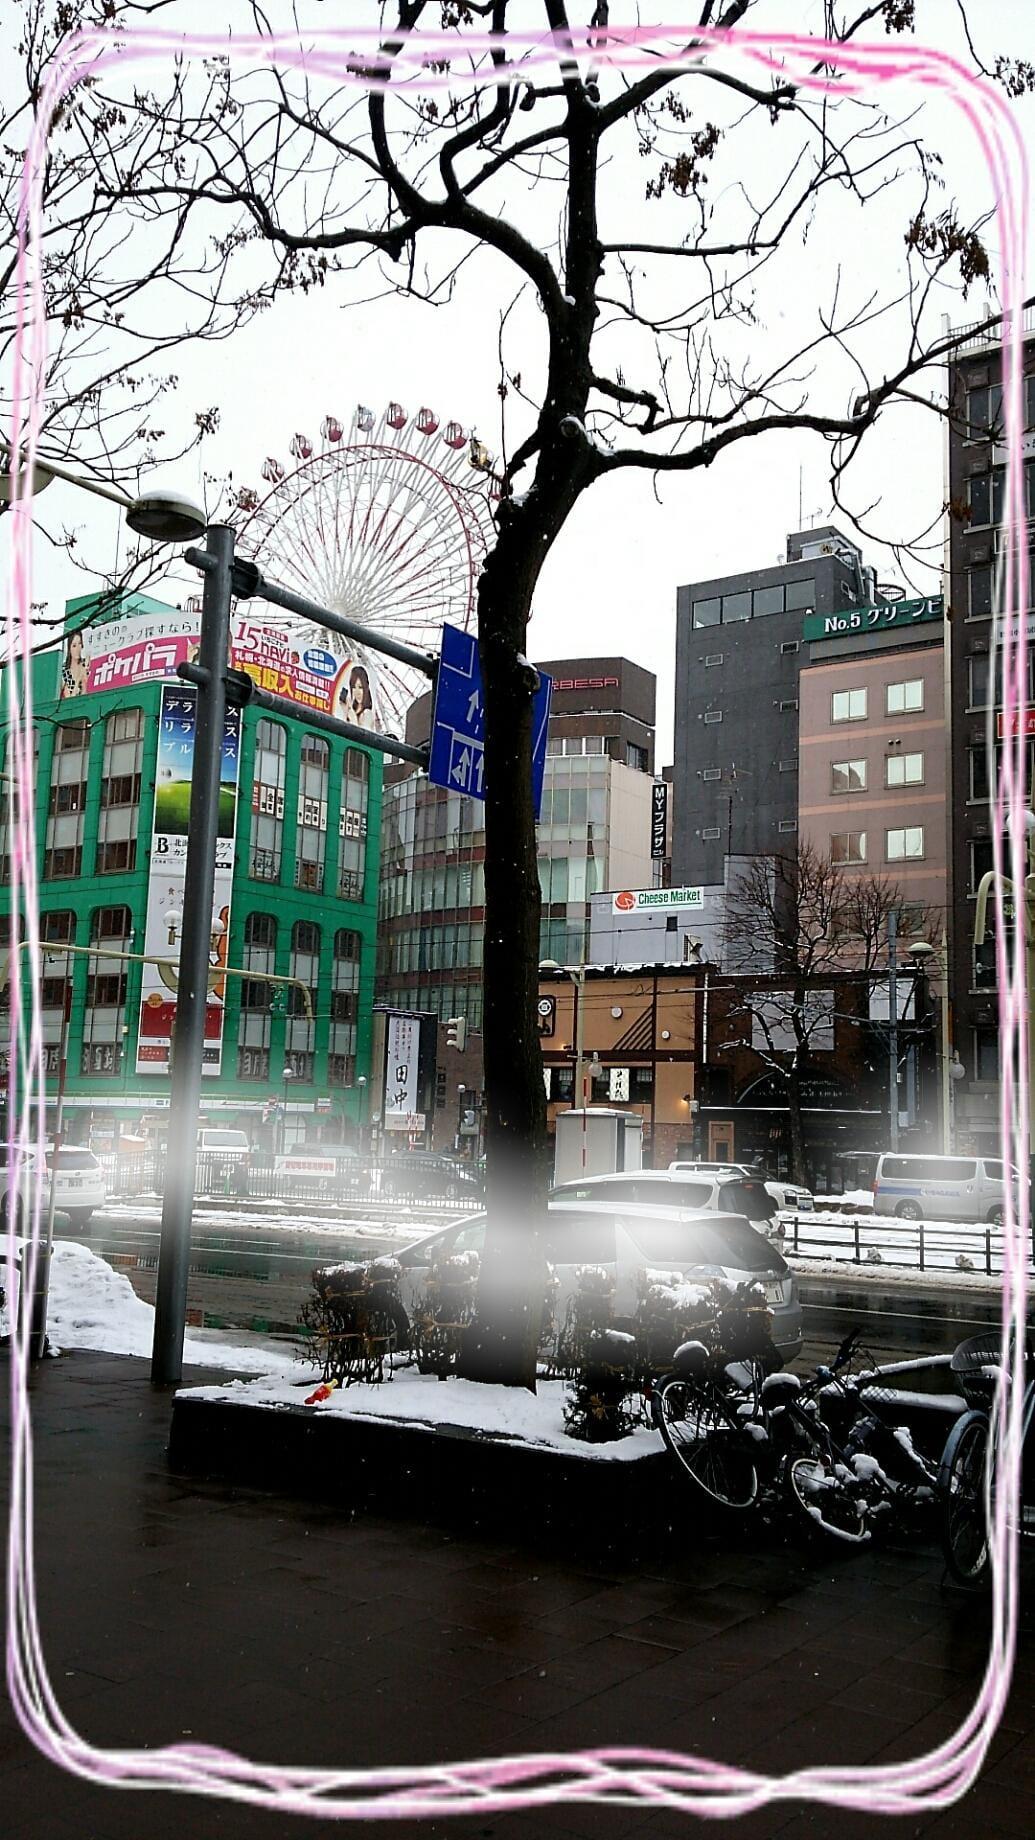 美奈代「雪」12/19(水) 12:51 | 美奈代の写メ・風俗動画